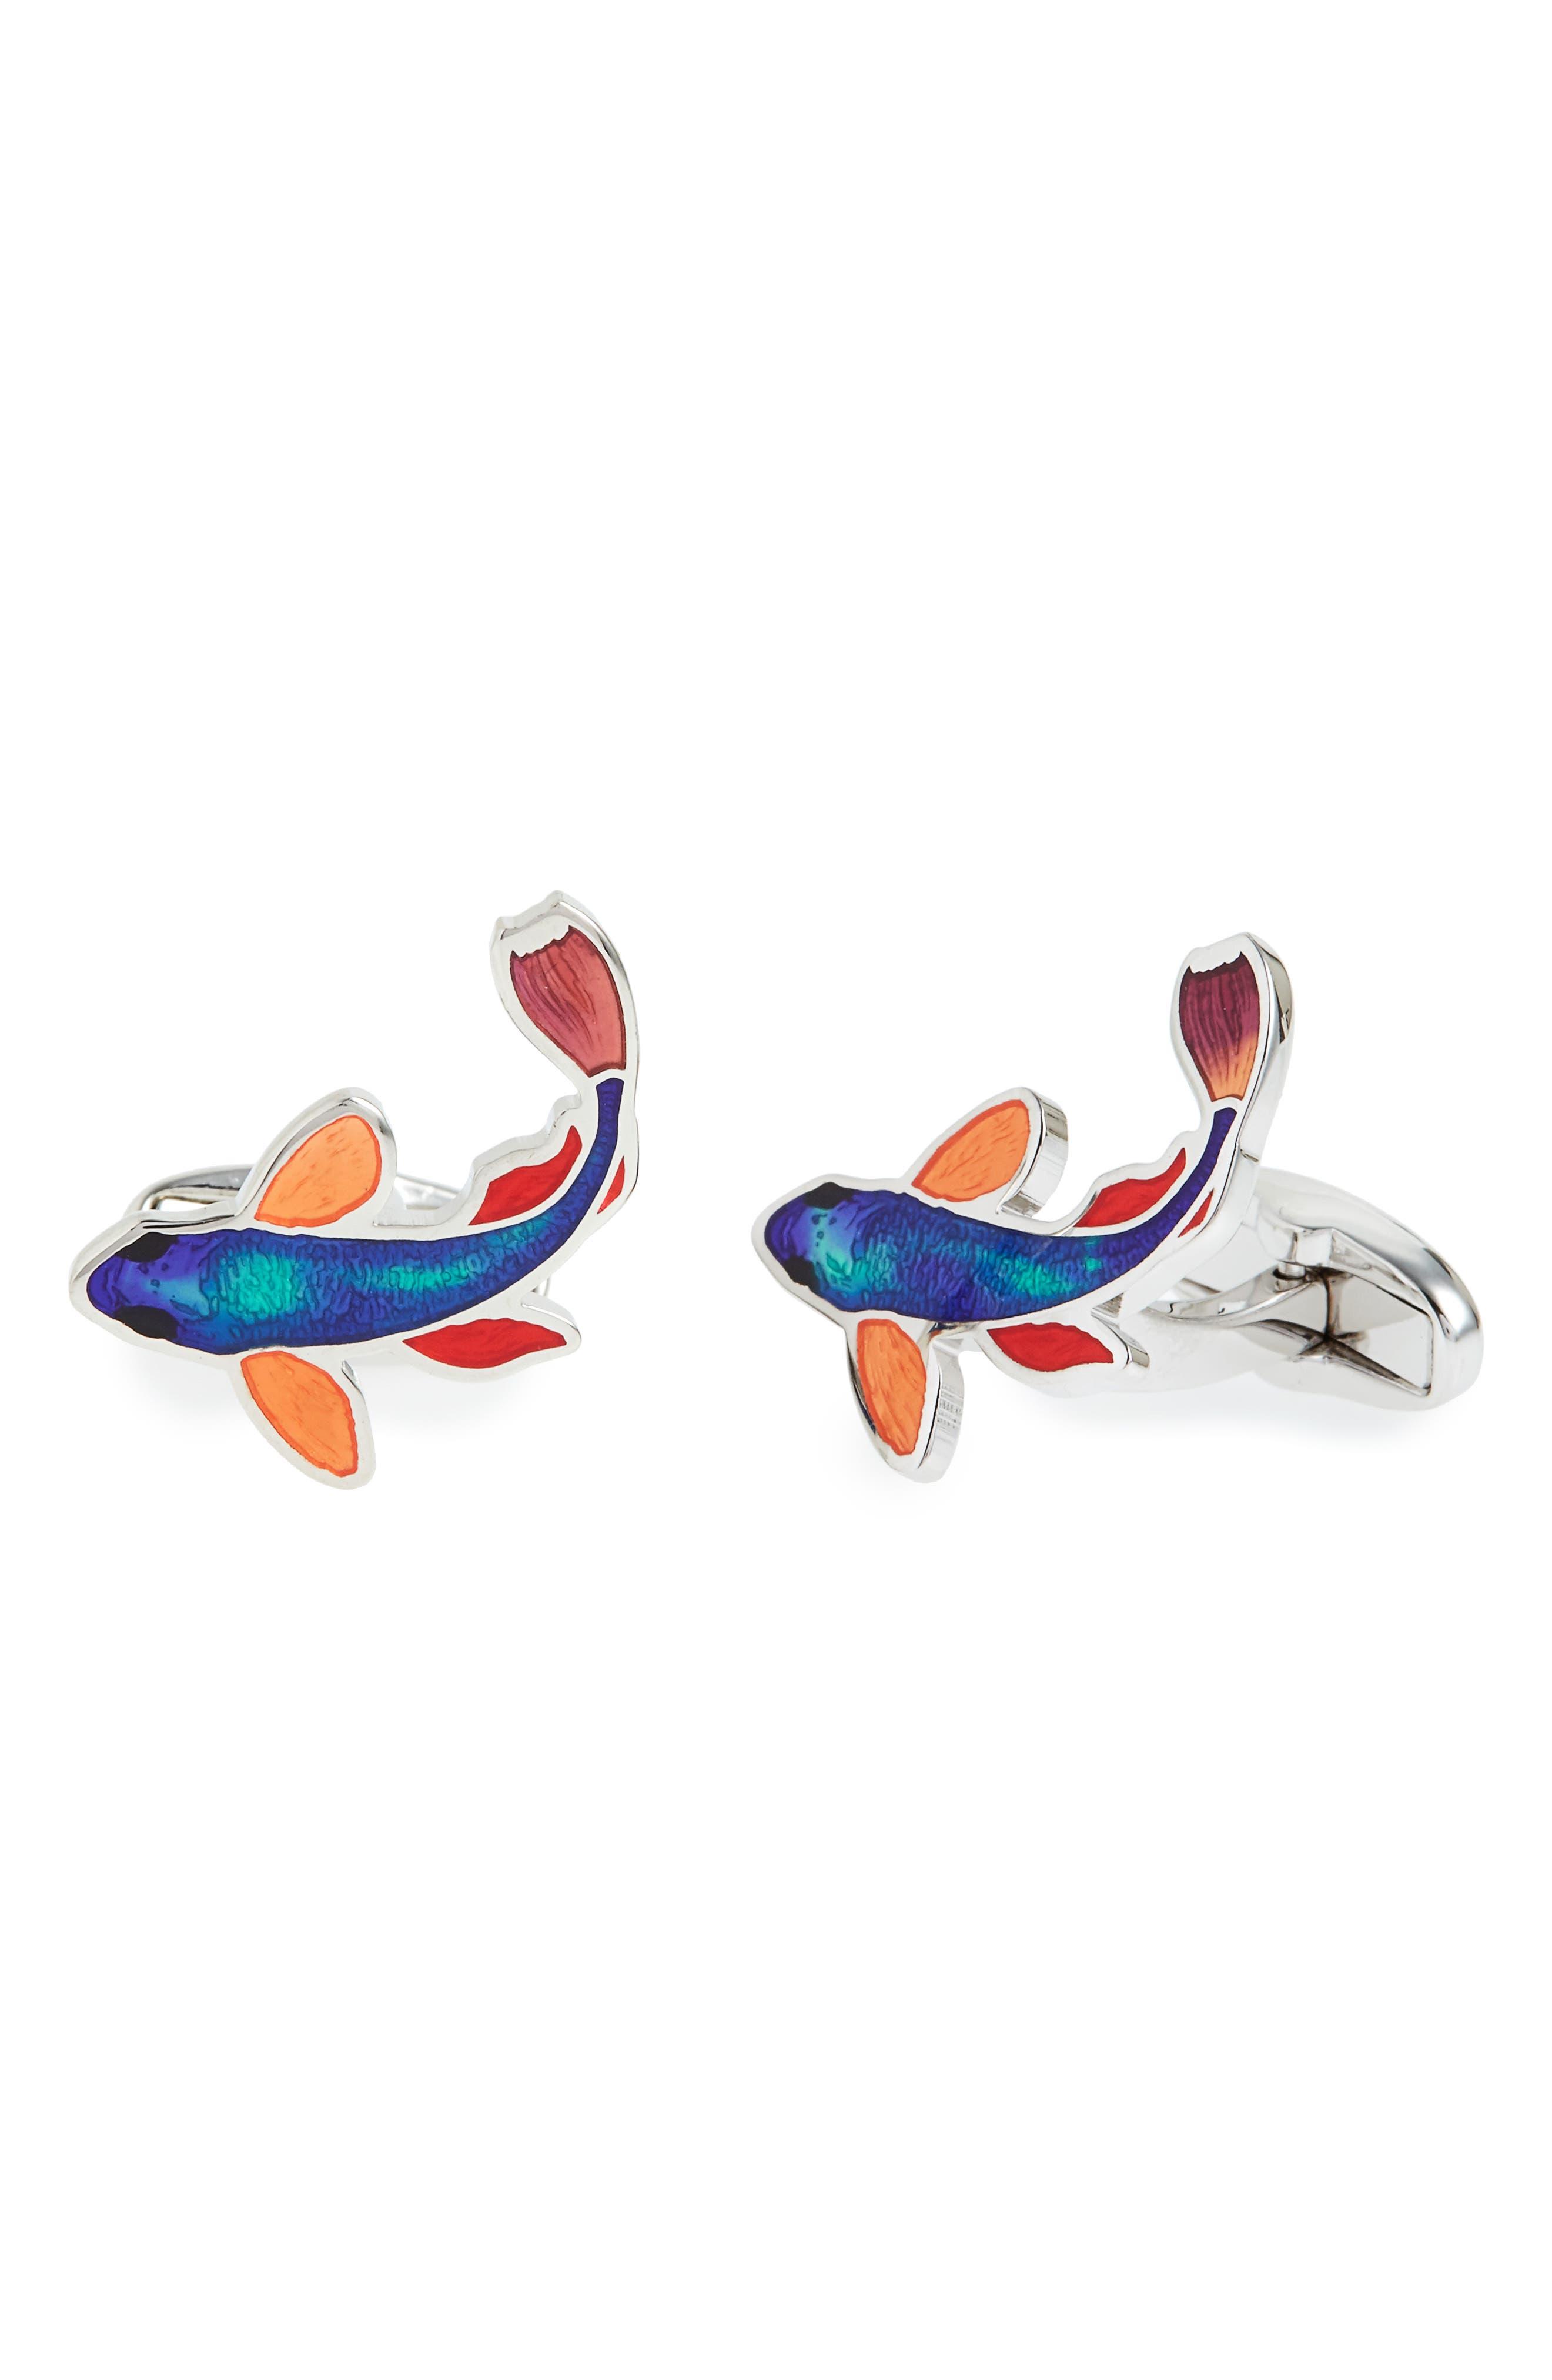 Fish Cuff Links,                             Main thumbnail 1, color,                             424